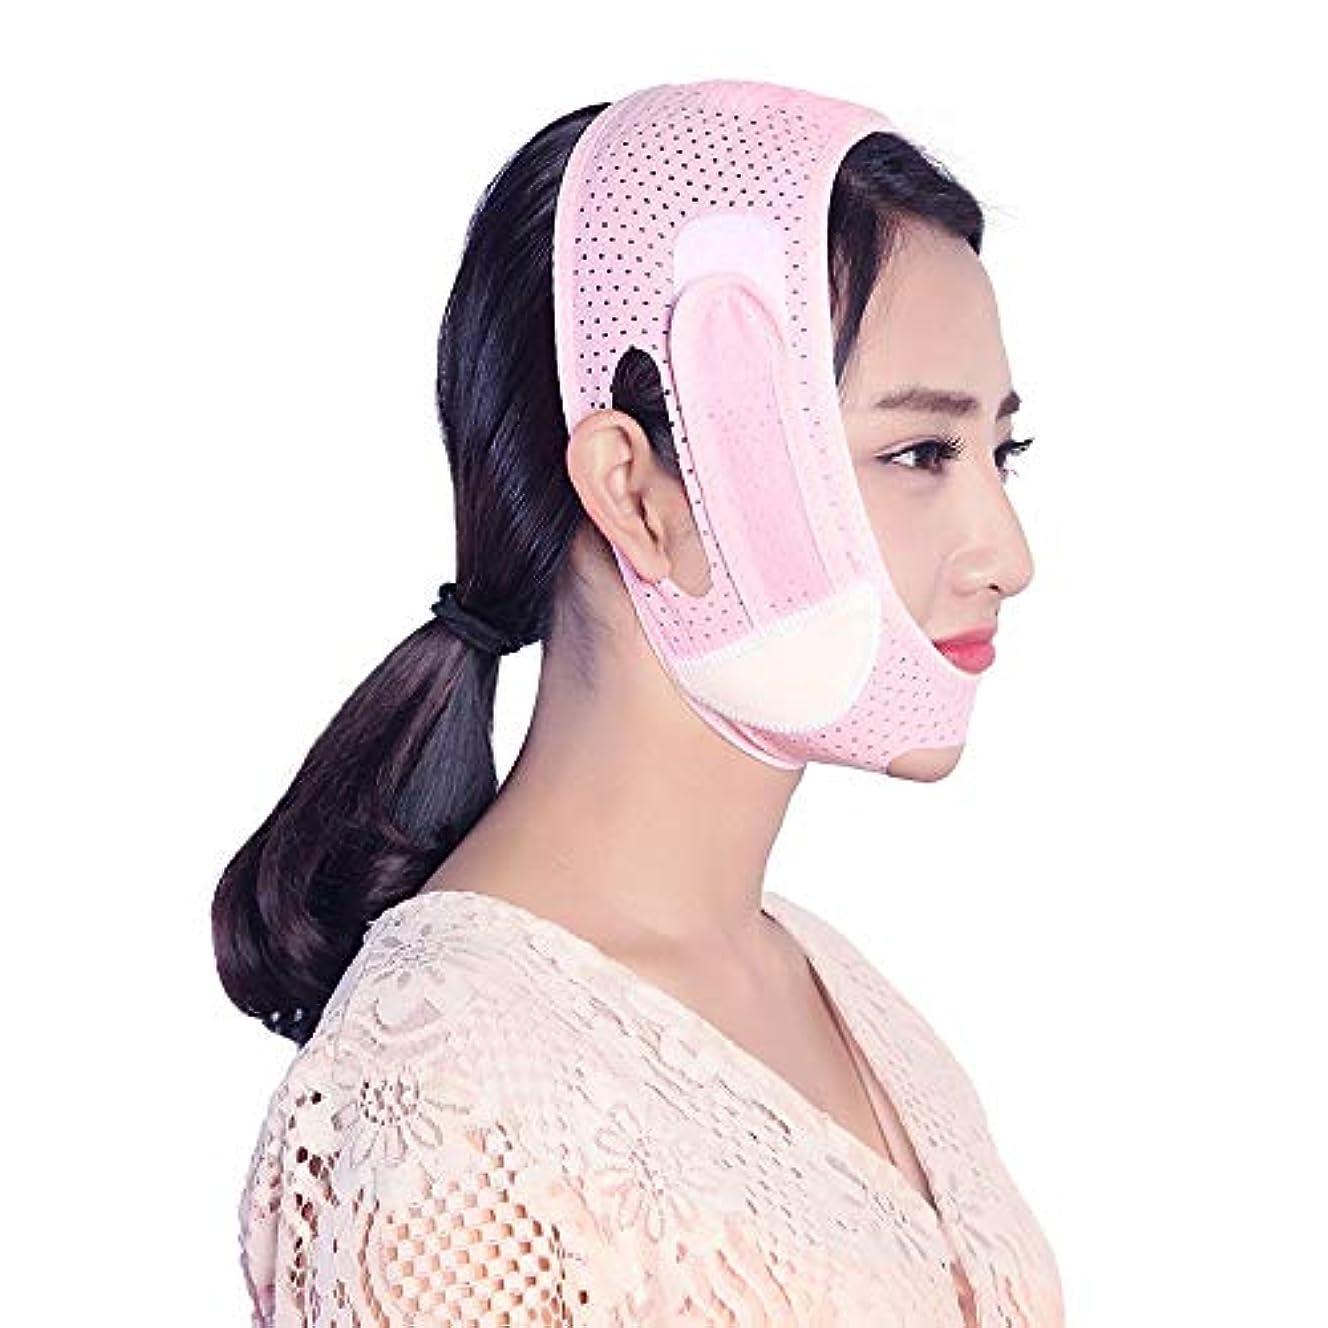 合体組み込む乱暴なMinmin 睡眠薄い顔パッチ包帯吊り上げプルv顔引き締めどころアーティファクト判決パターン二重あご薄いマッセルマスク - ピンク みんみんVラインフェイスマスク